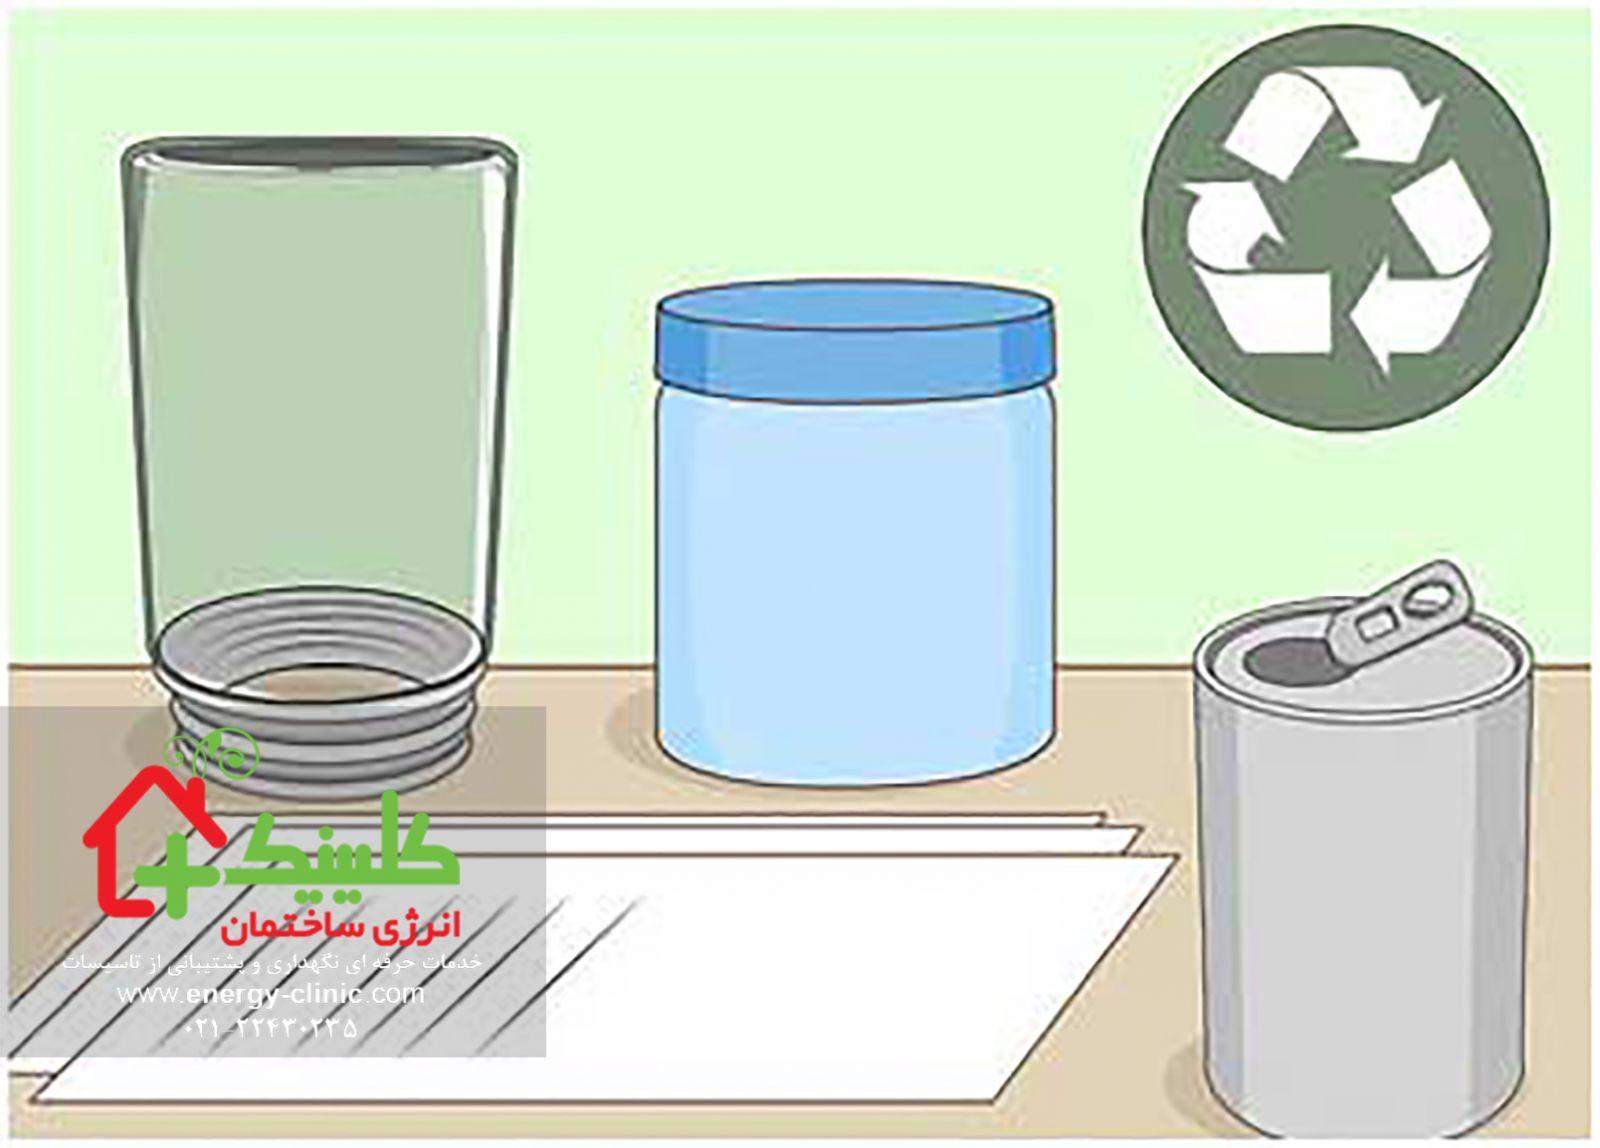 بازیافت کنید و از وسایل مجدد استفاده کنید